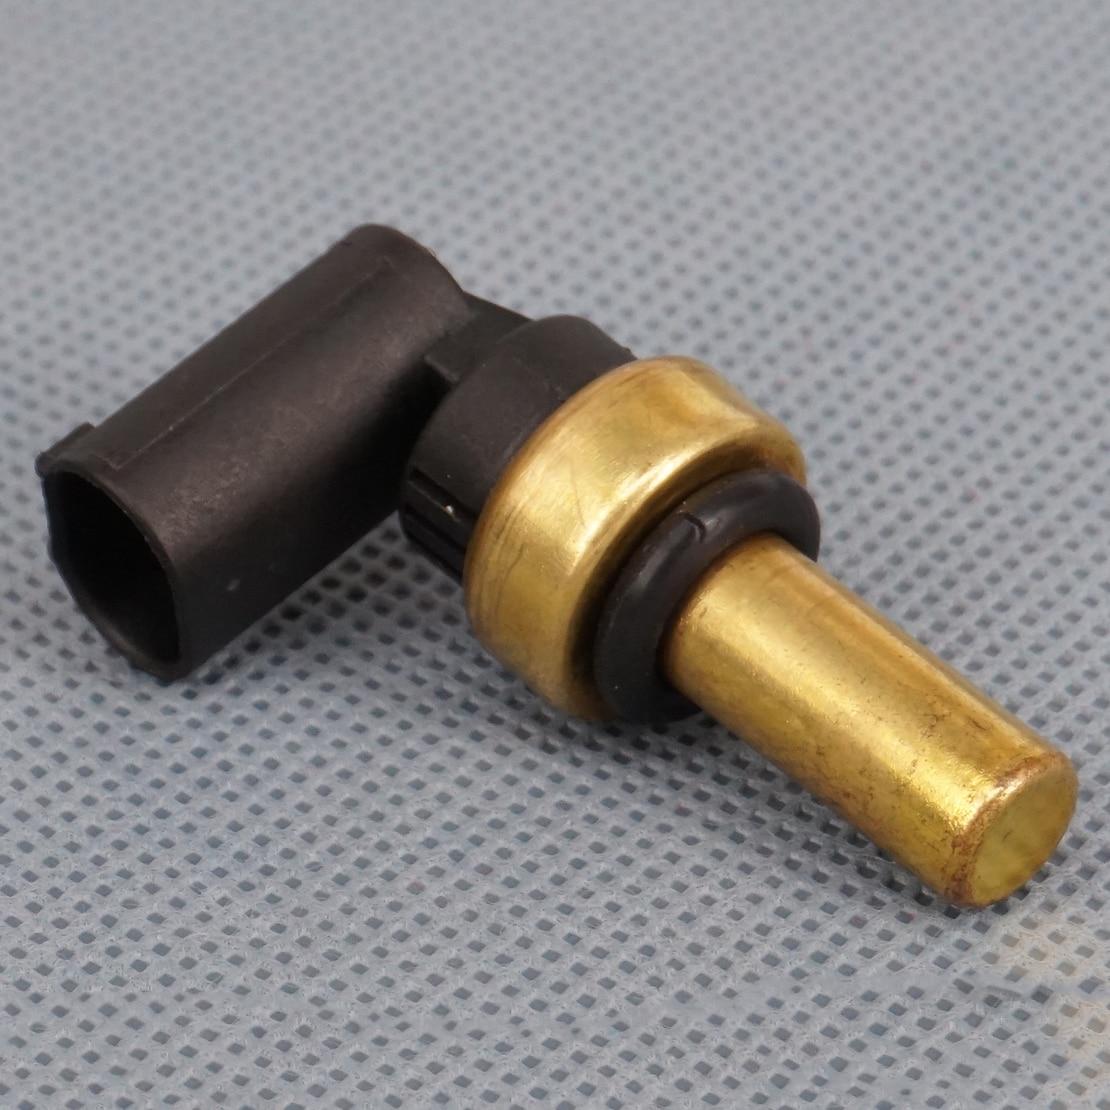 CITALL Engine Water Coolant Temperature Sensor 55563530 55353807 6338045 Fit For Meriva Insignia Signum Vectra 1.4 1.6 1.8